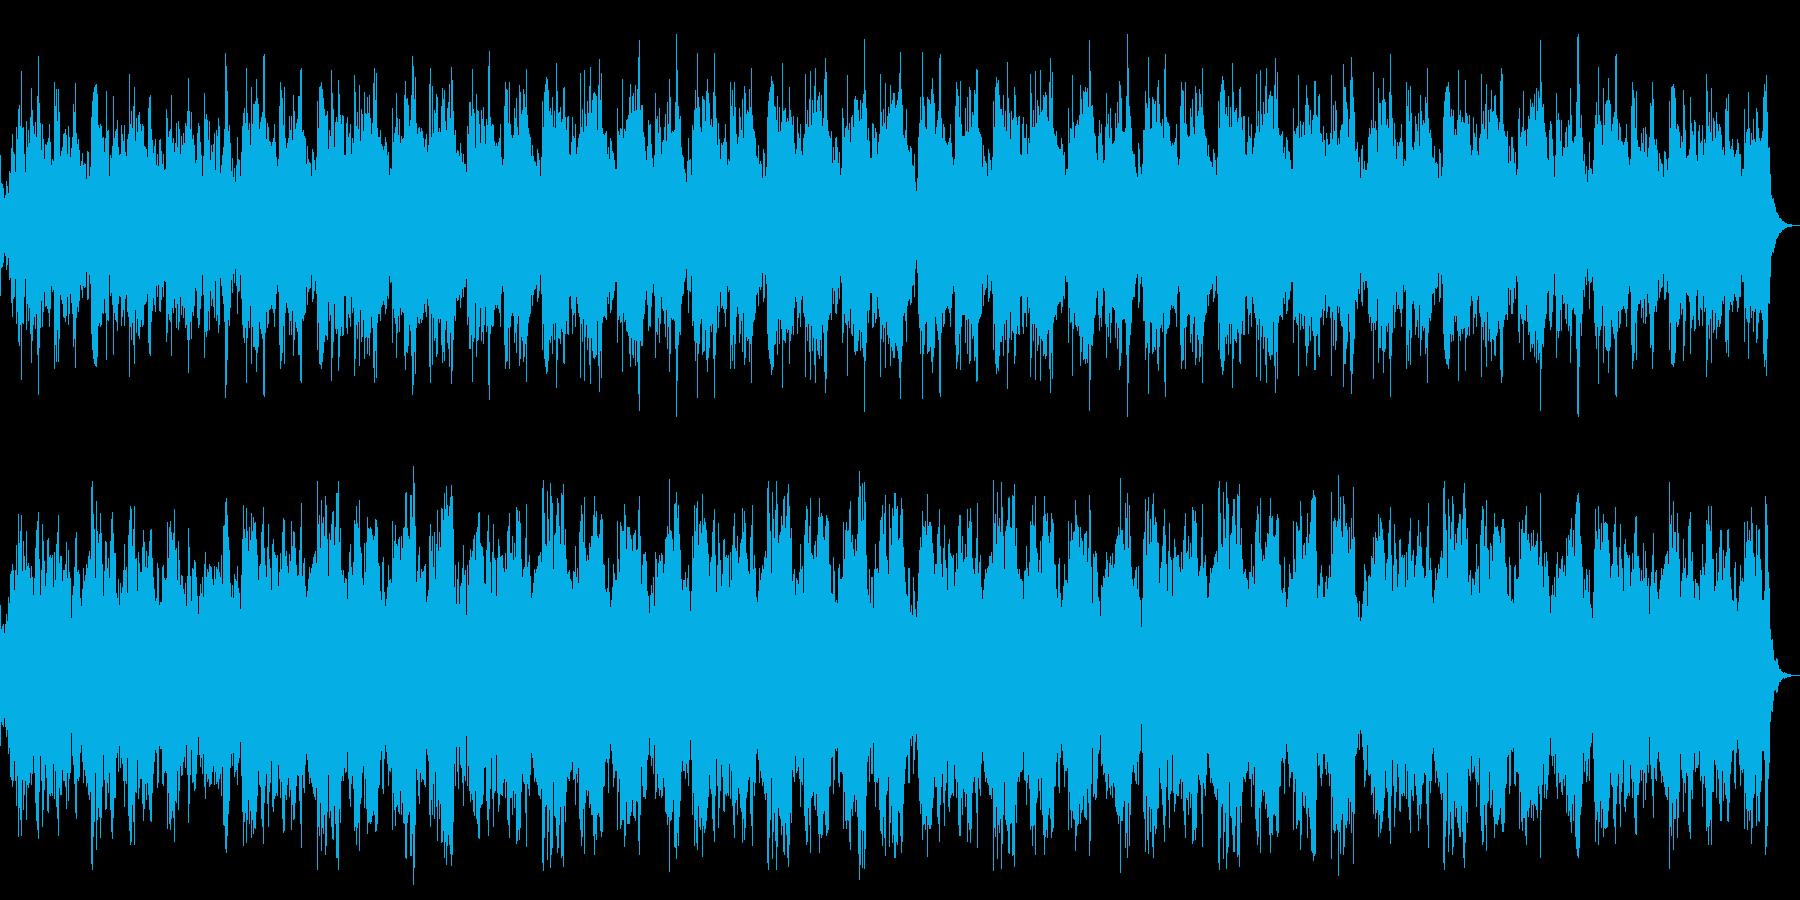 ダーク、ホラー、恐怖の演出 ストリングスの再生済みの波形